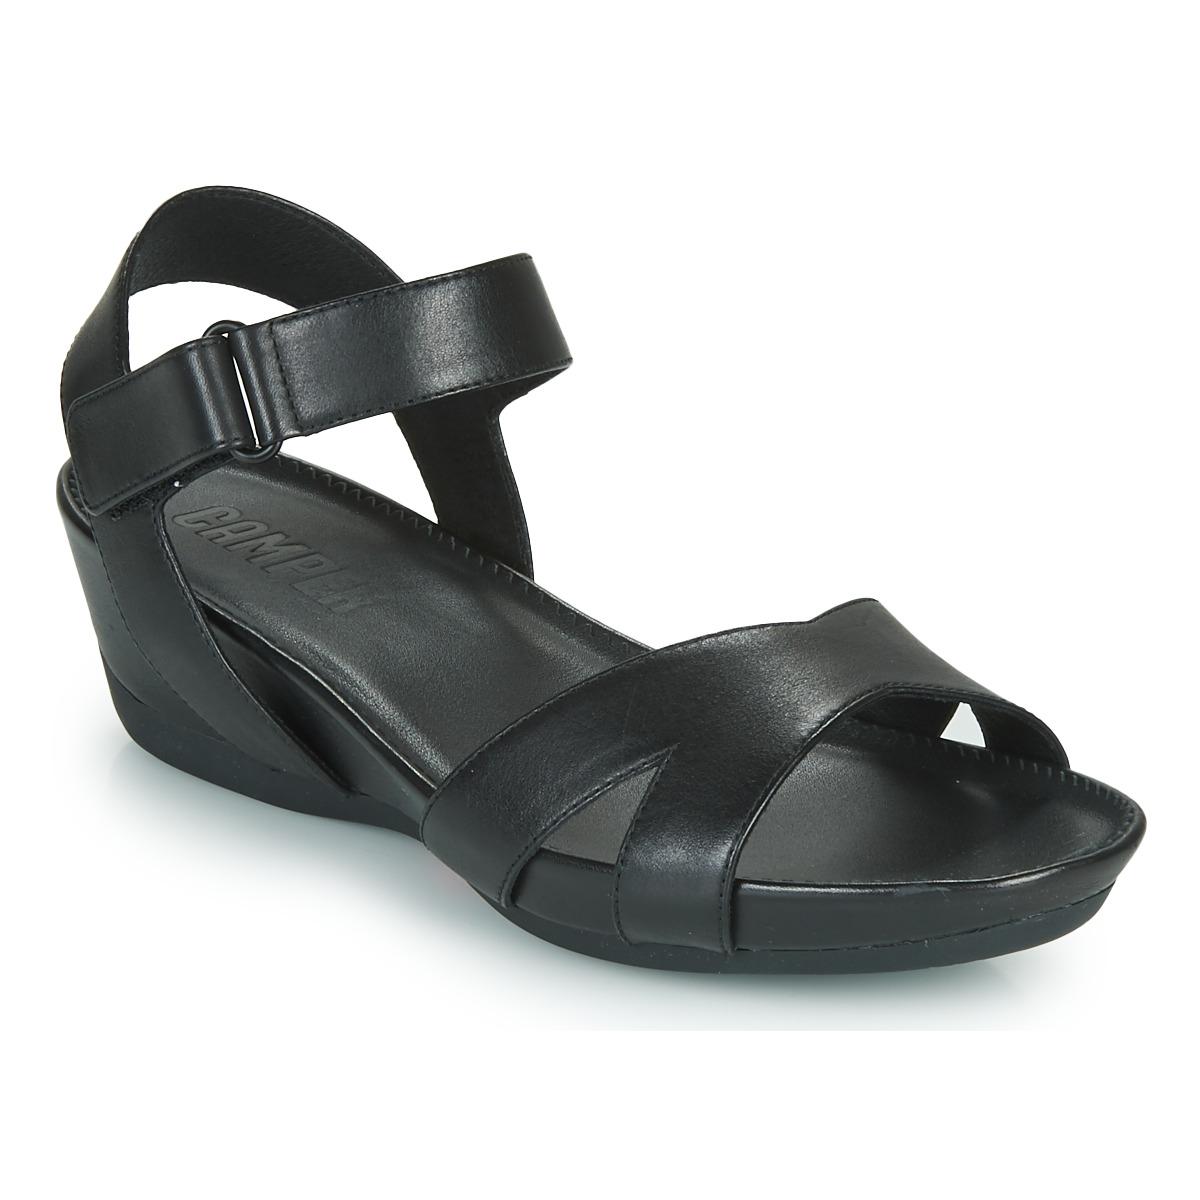 camper micro negro envo gratis con spartooes zapatos sandalias mujer uac